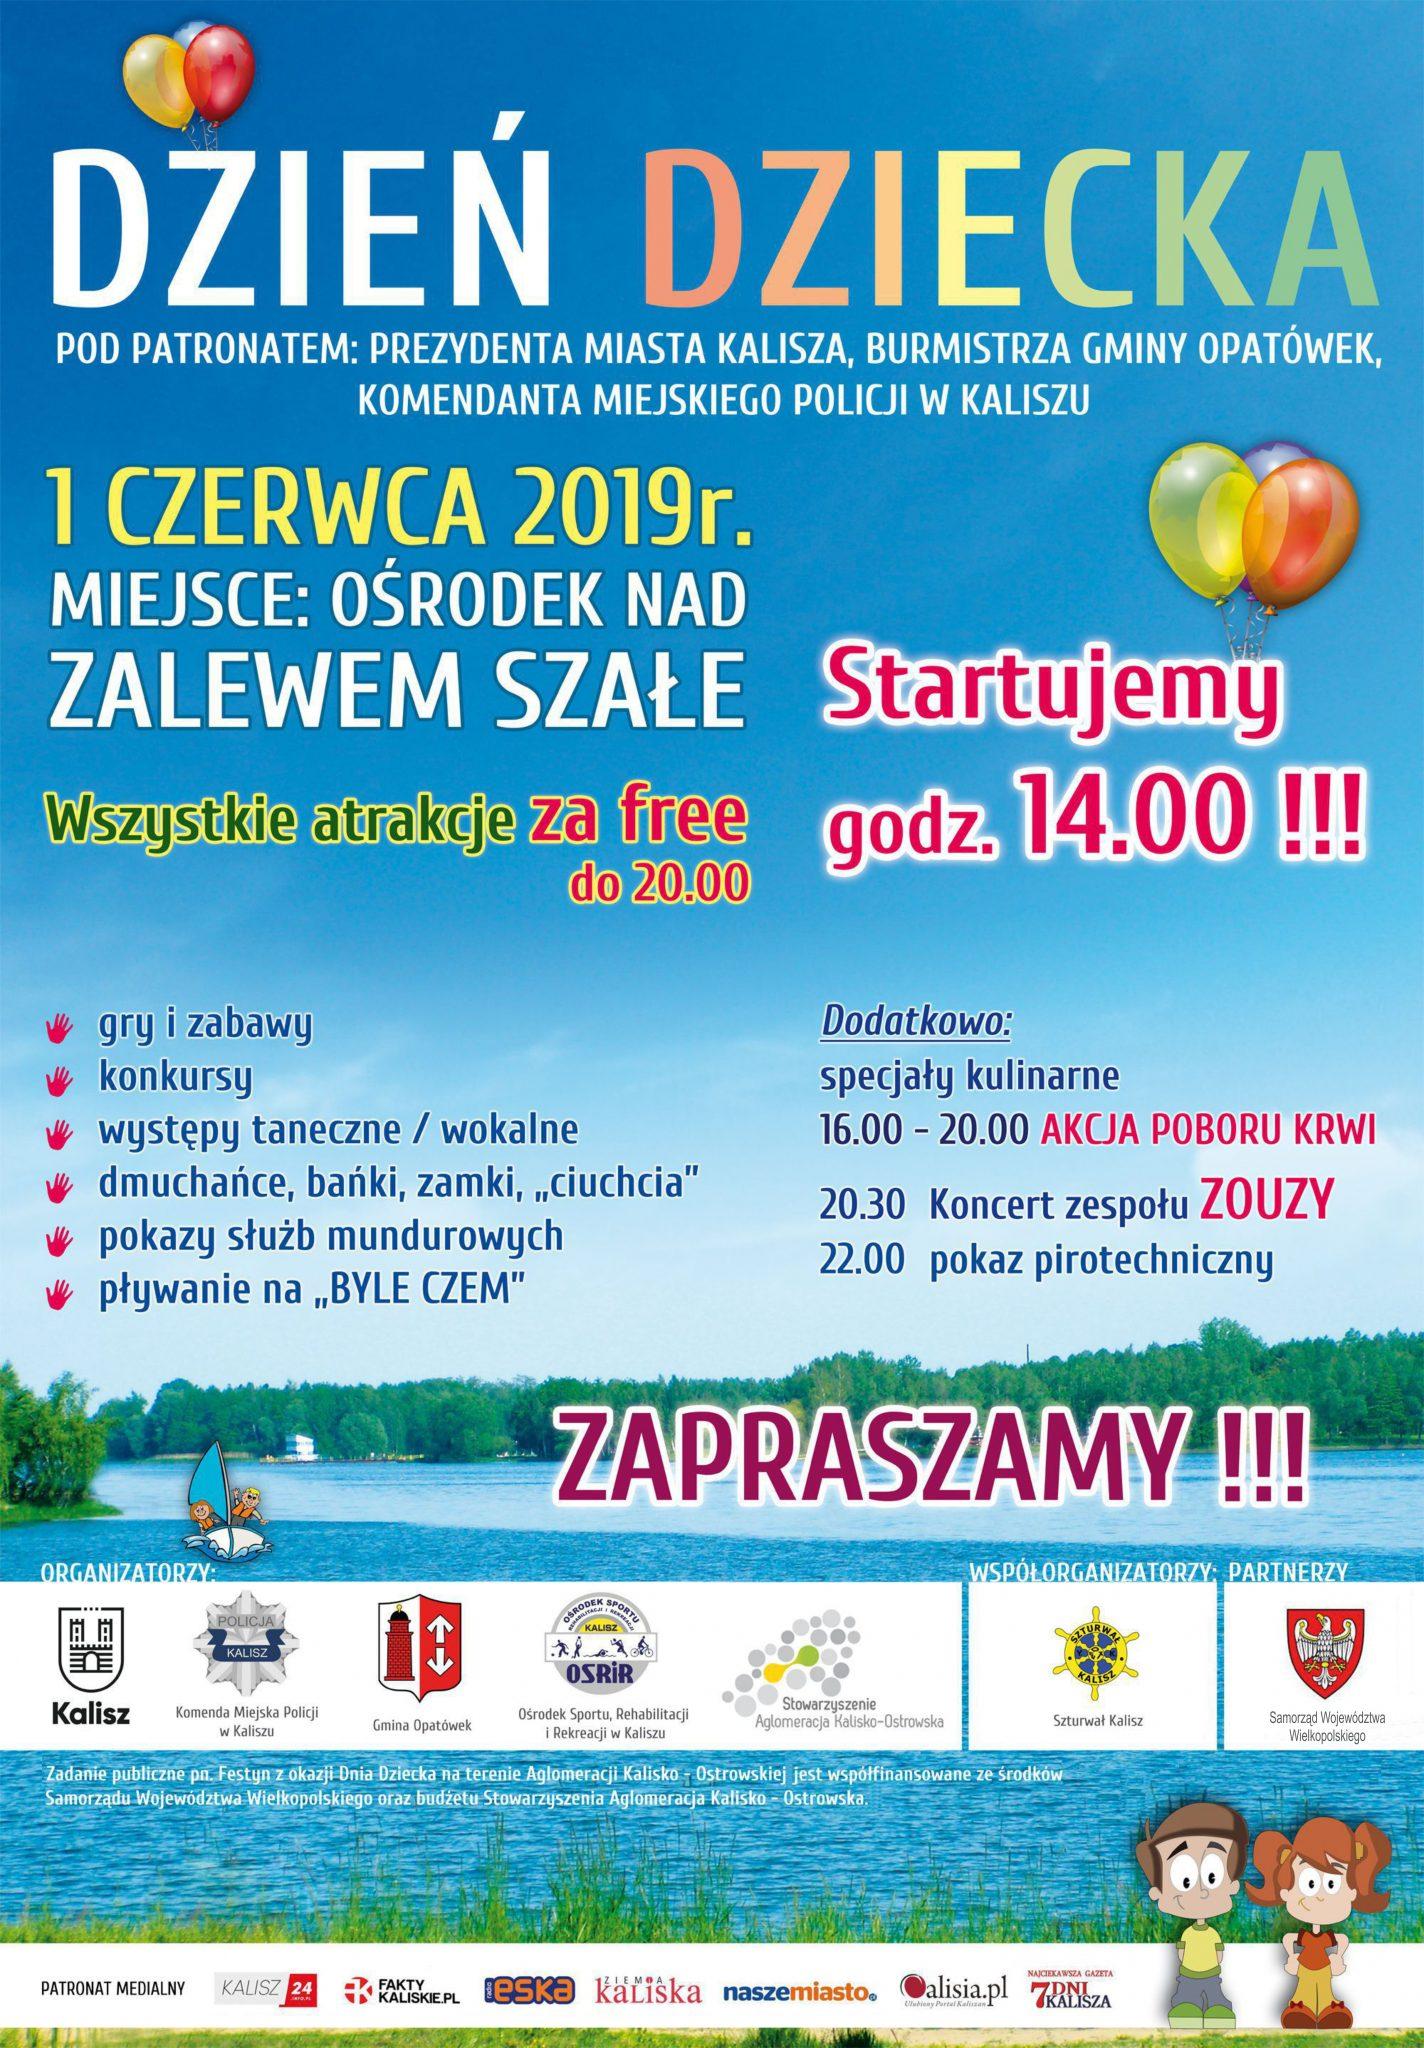 plakat dd19 kalisz aglomeracja - Zapraszamy na Festyn z okazji Dnia Dziecka na terenie Aglomeracji Kalisko – Ostrowskiej